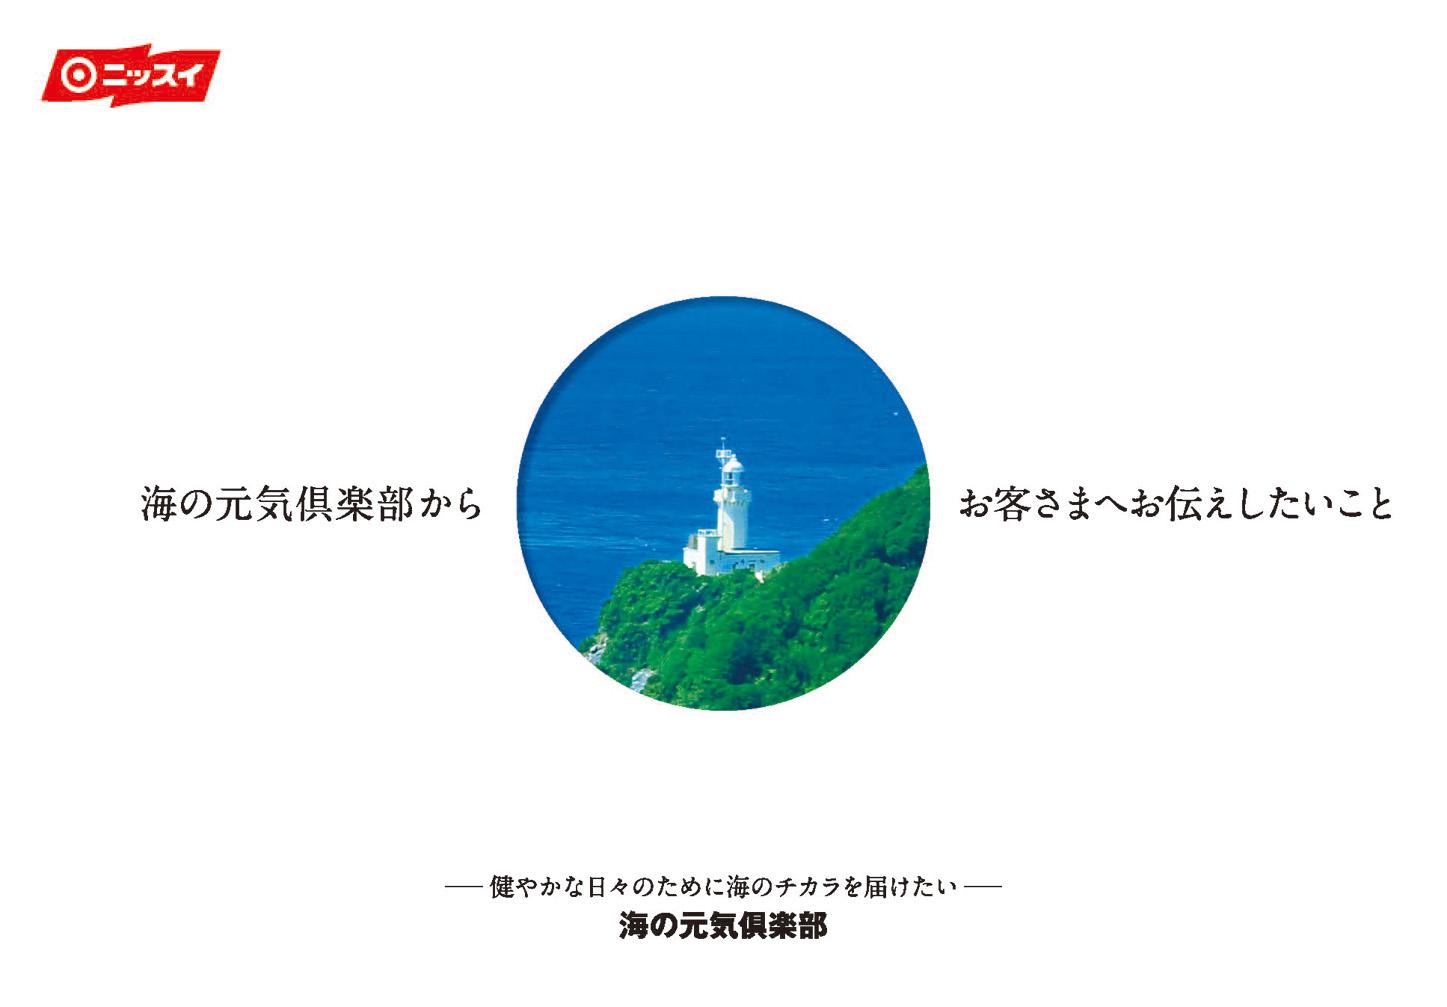 日本水産 ファインケミカル事業部コンセプトブック